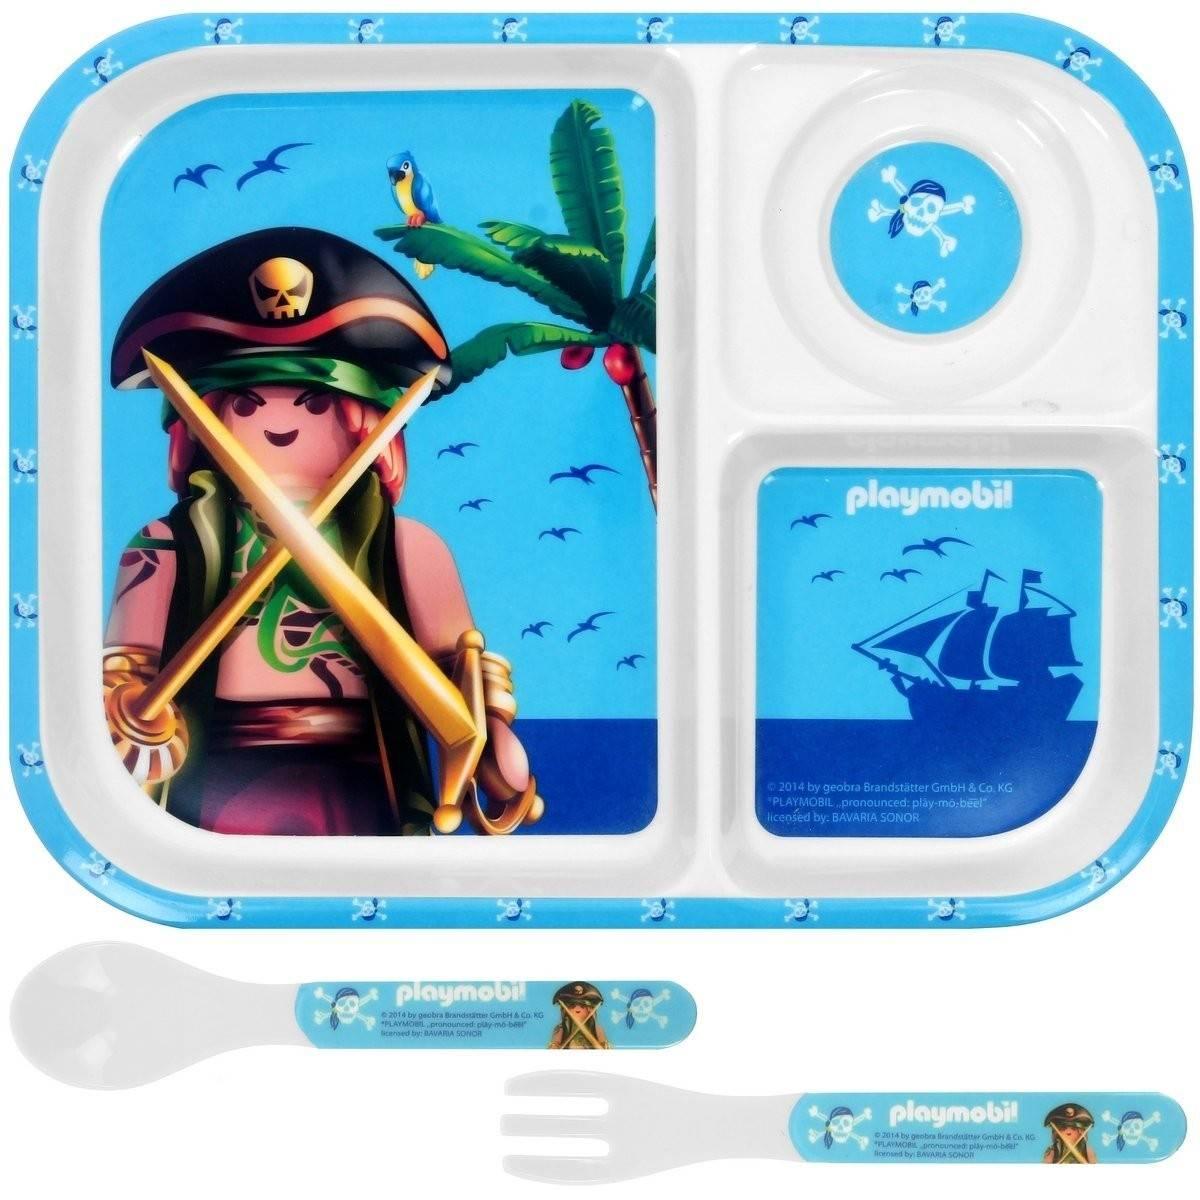 Playmobil - Set Déjeuner Pirate - Plateau + Couverts - Bleu